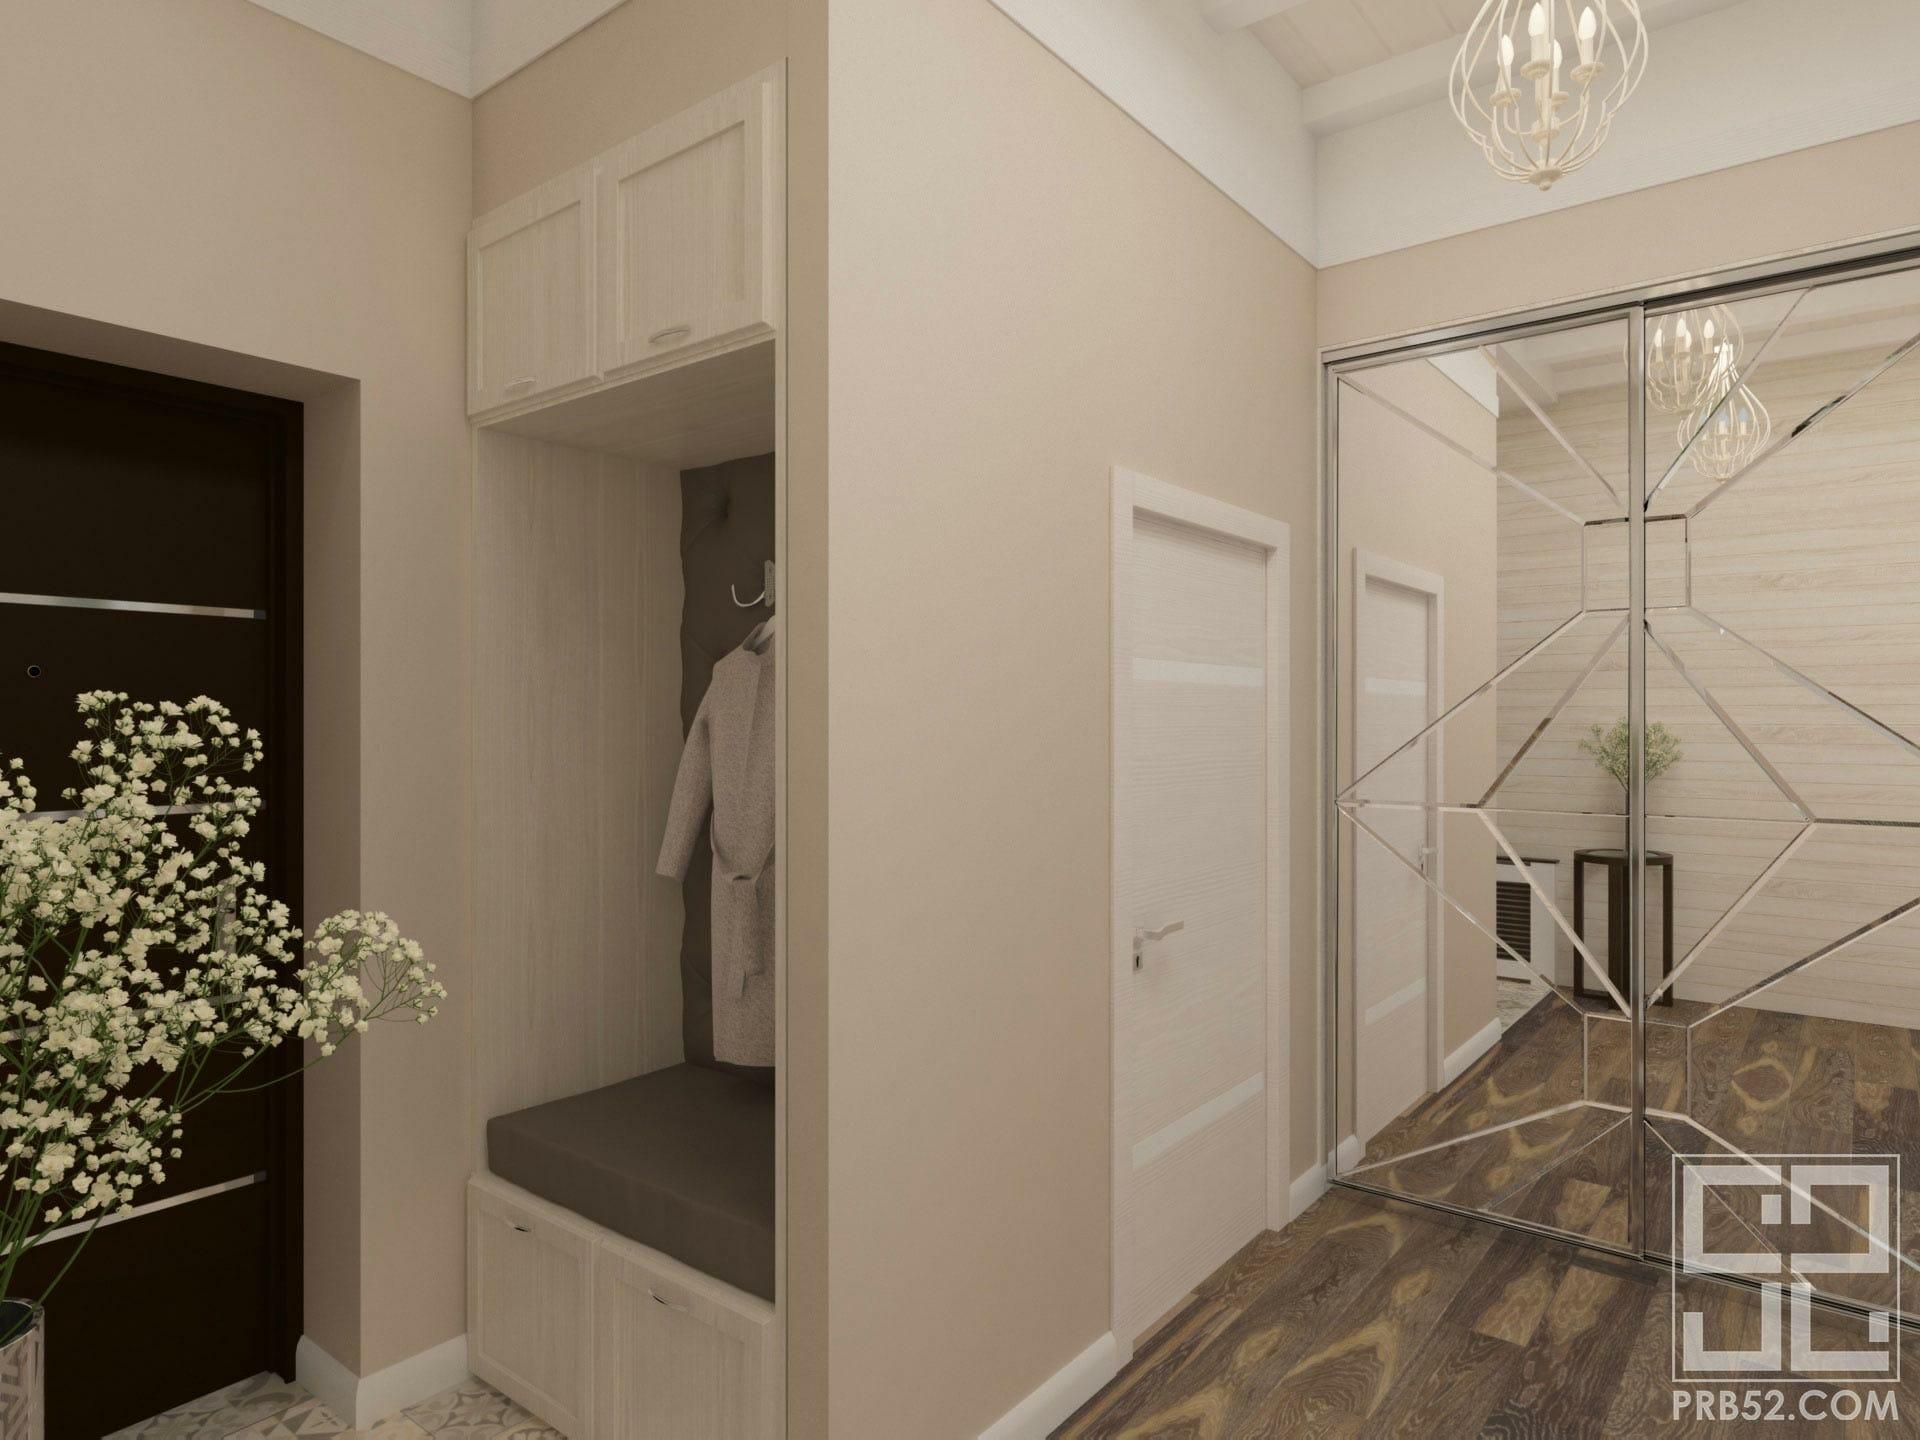 дизайн интерьера прихожей в частном доме